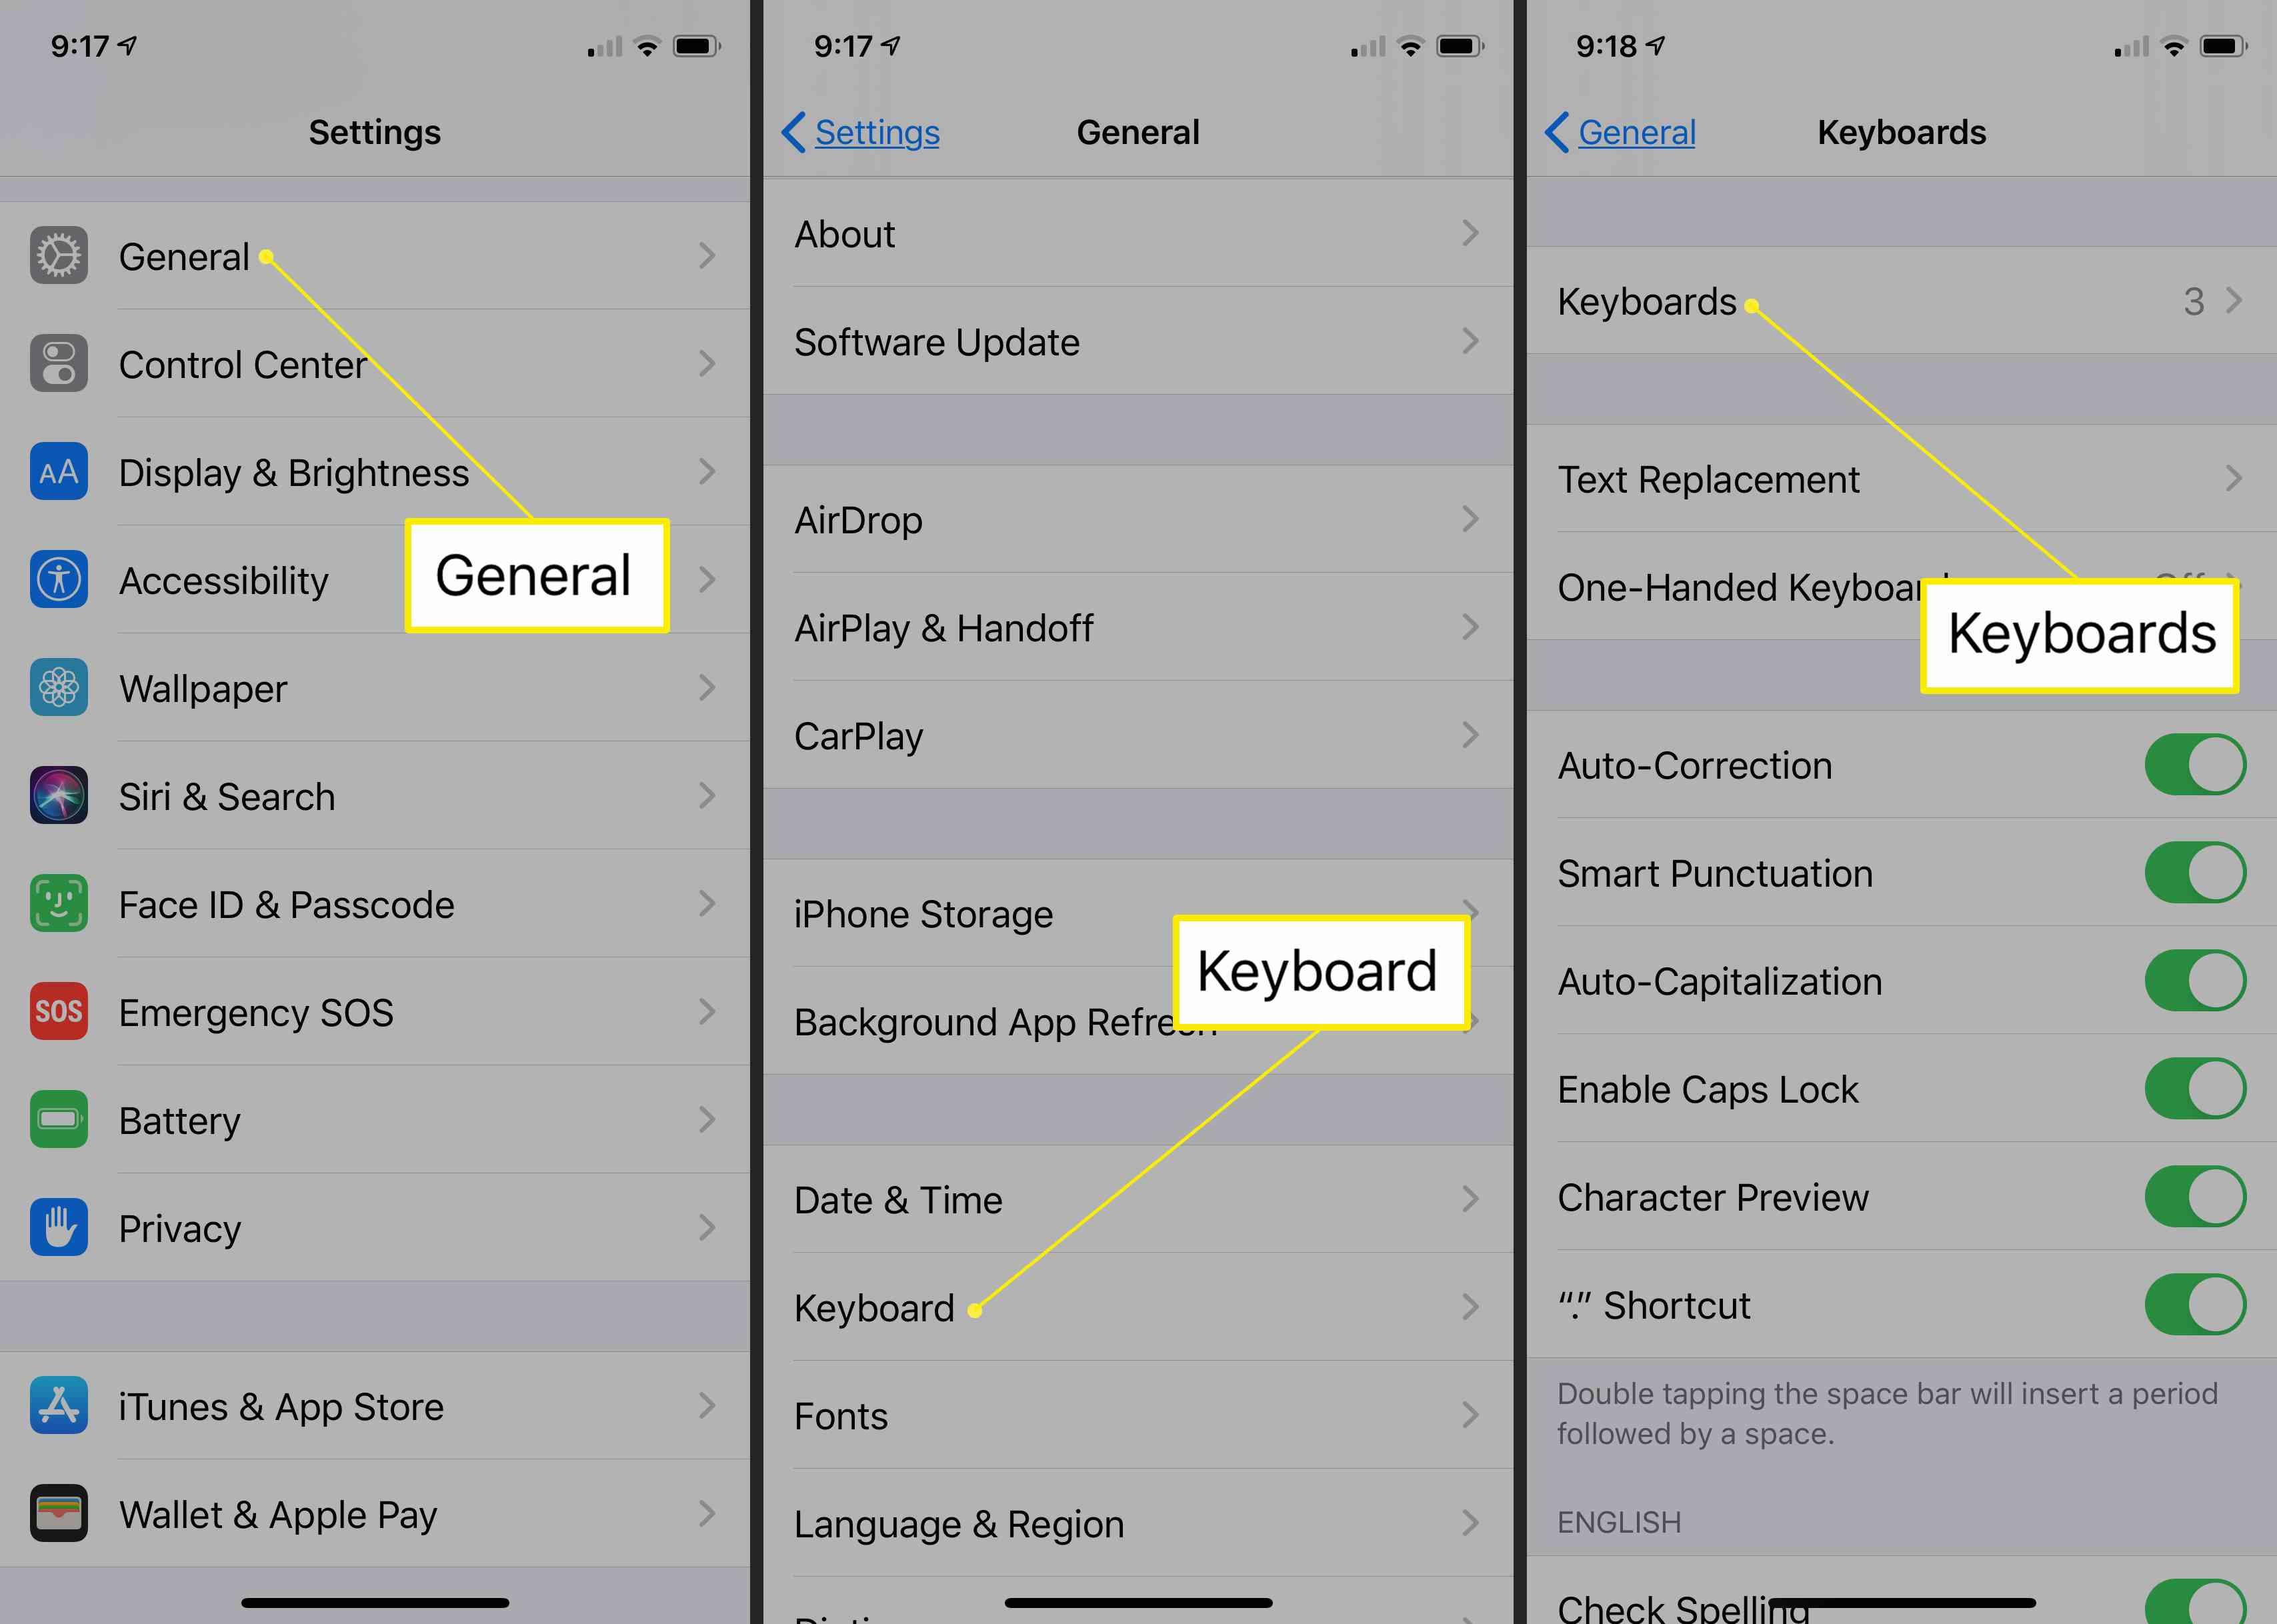 Keyboard settings in iOS